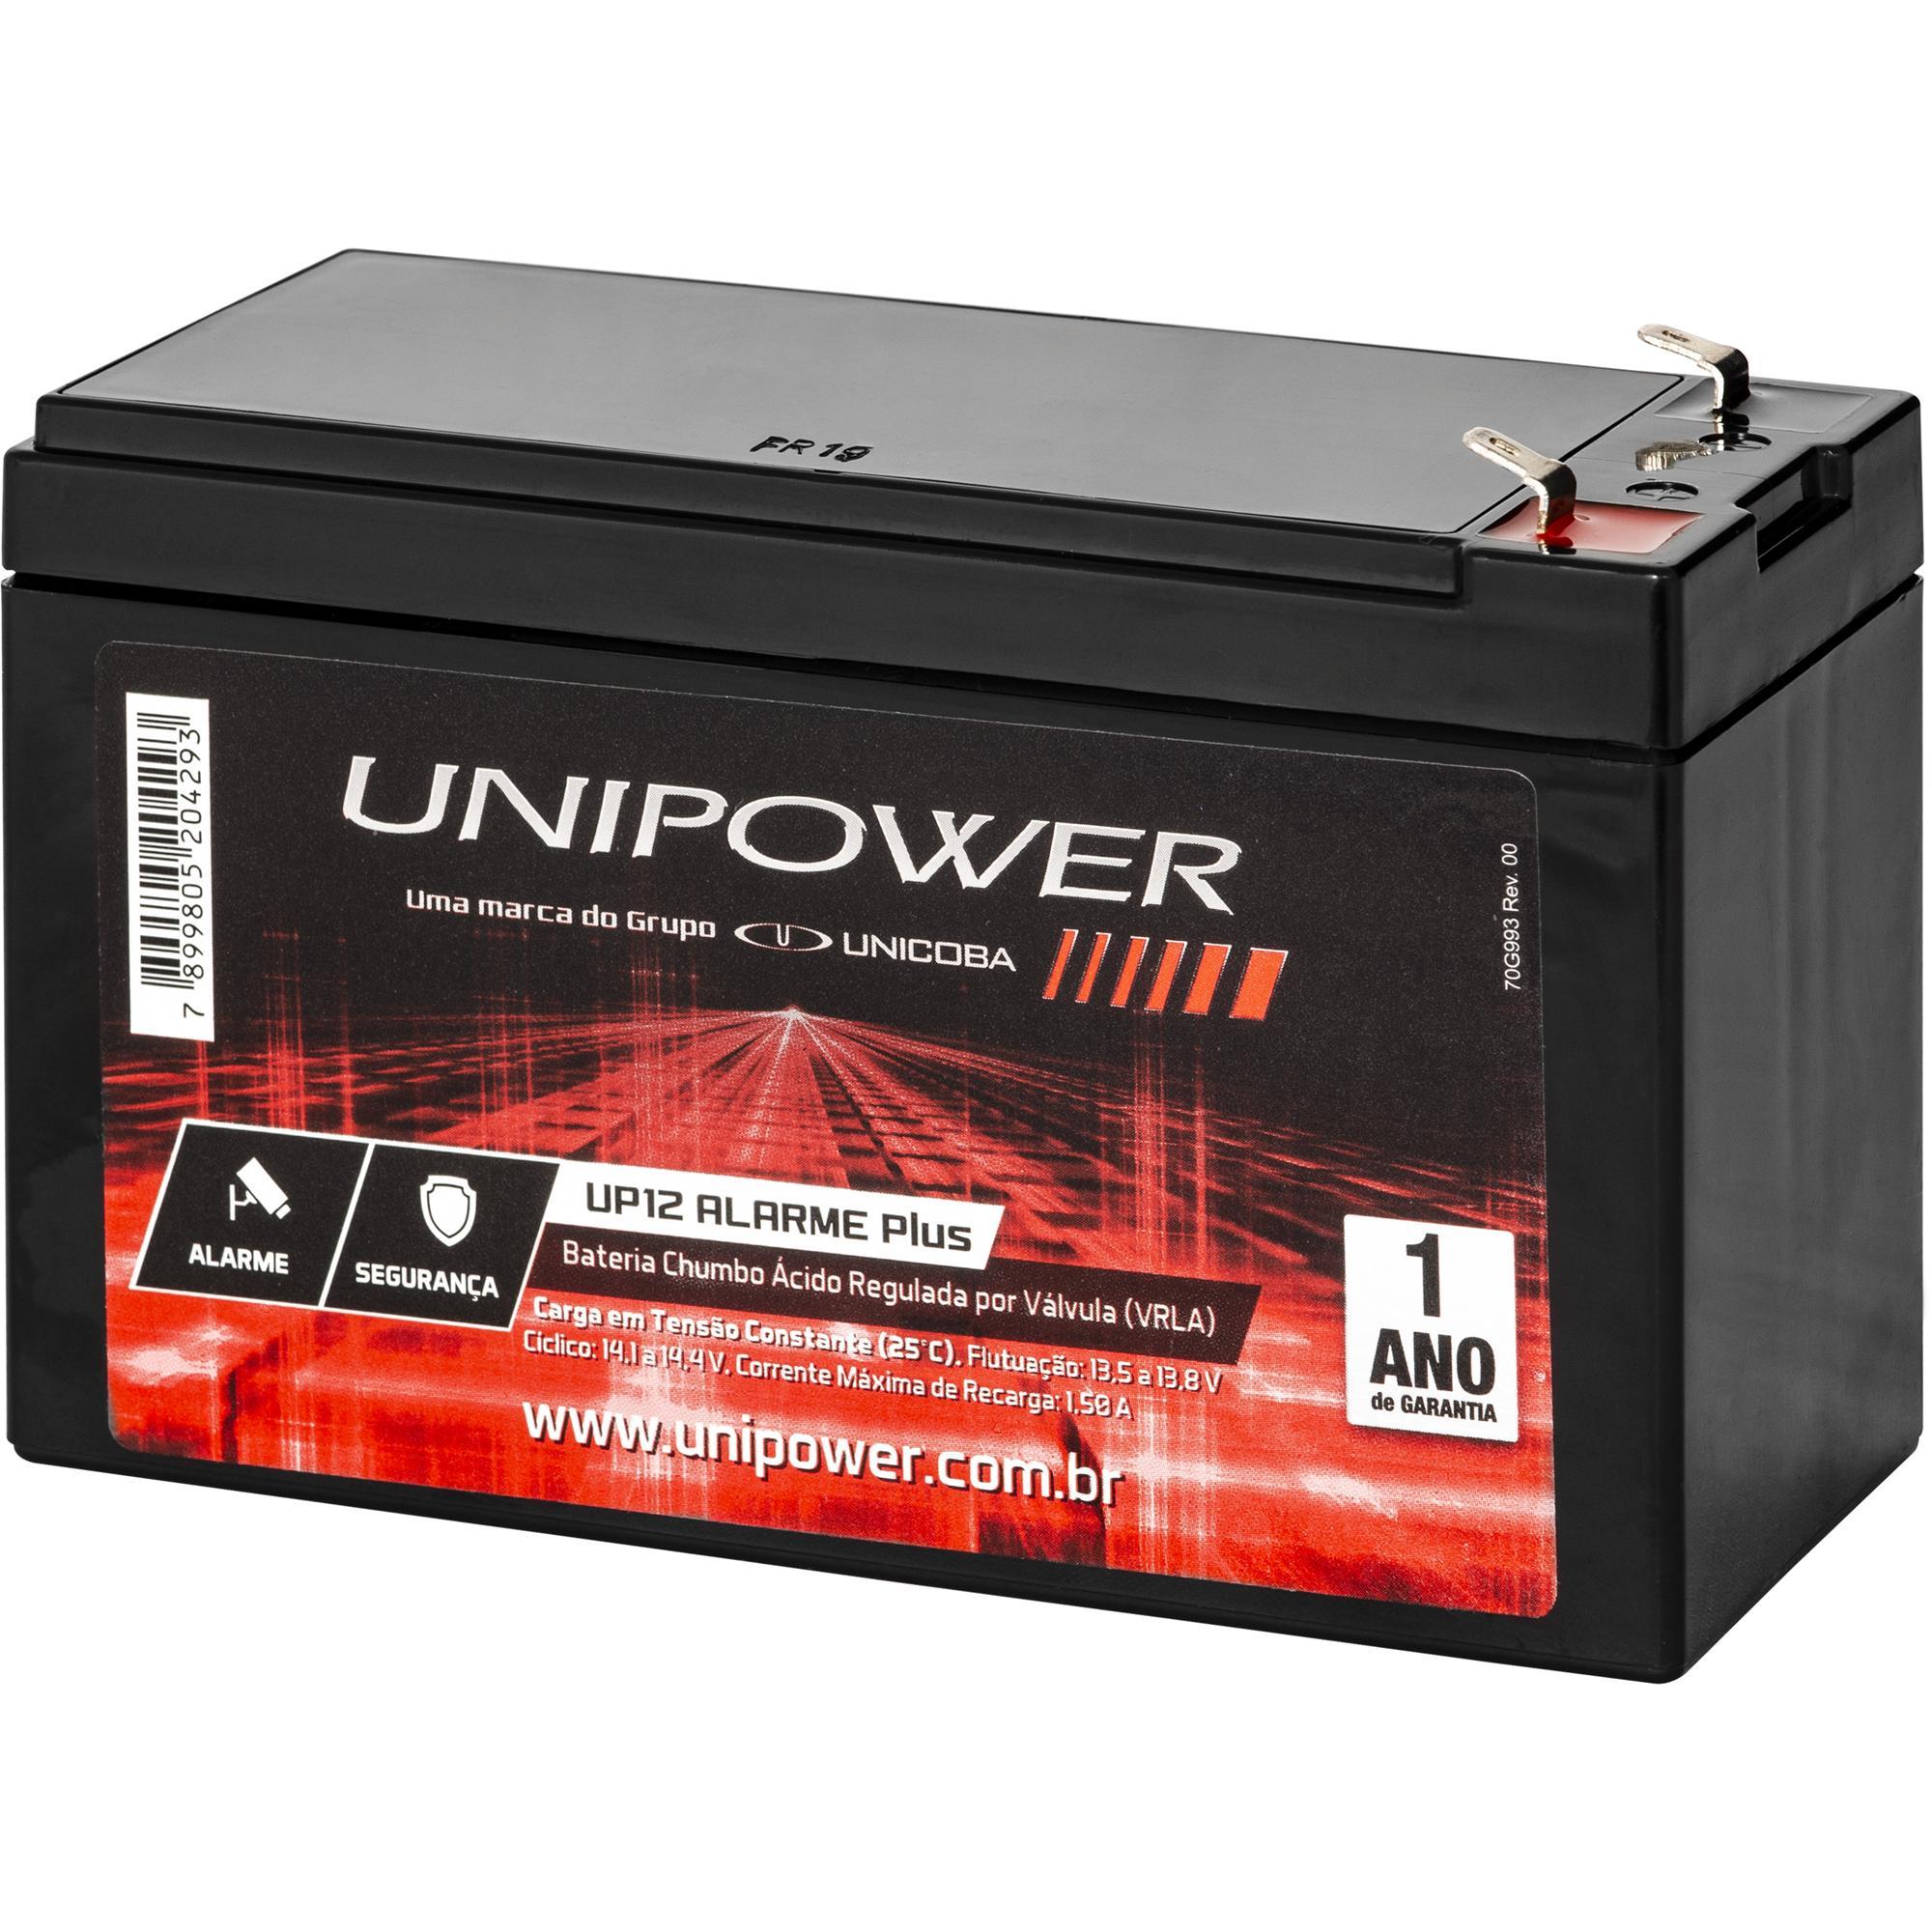 Bateria Selada 12v/4a Up12 Alarme Unipower